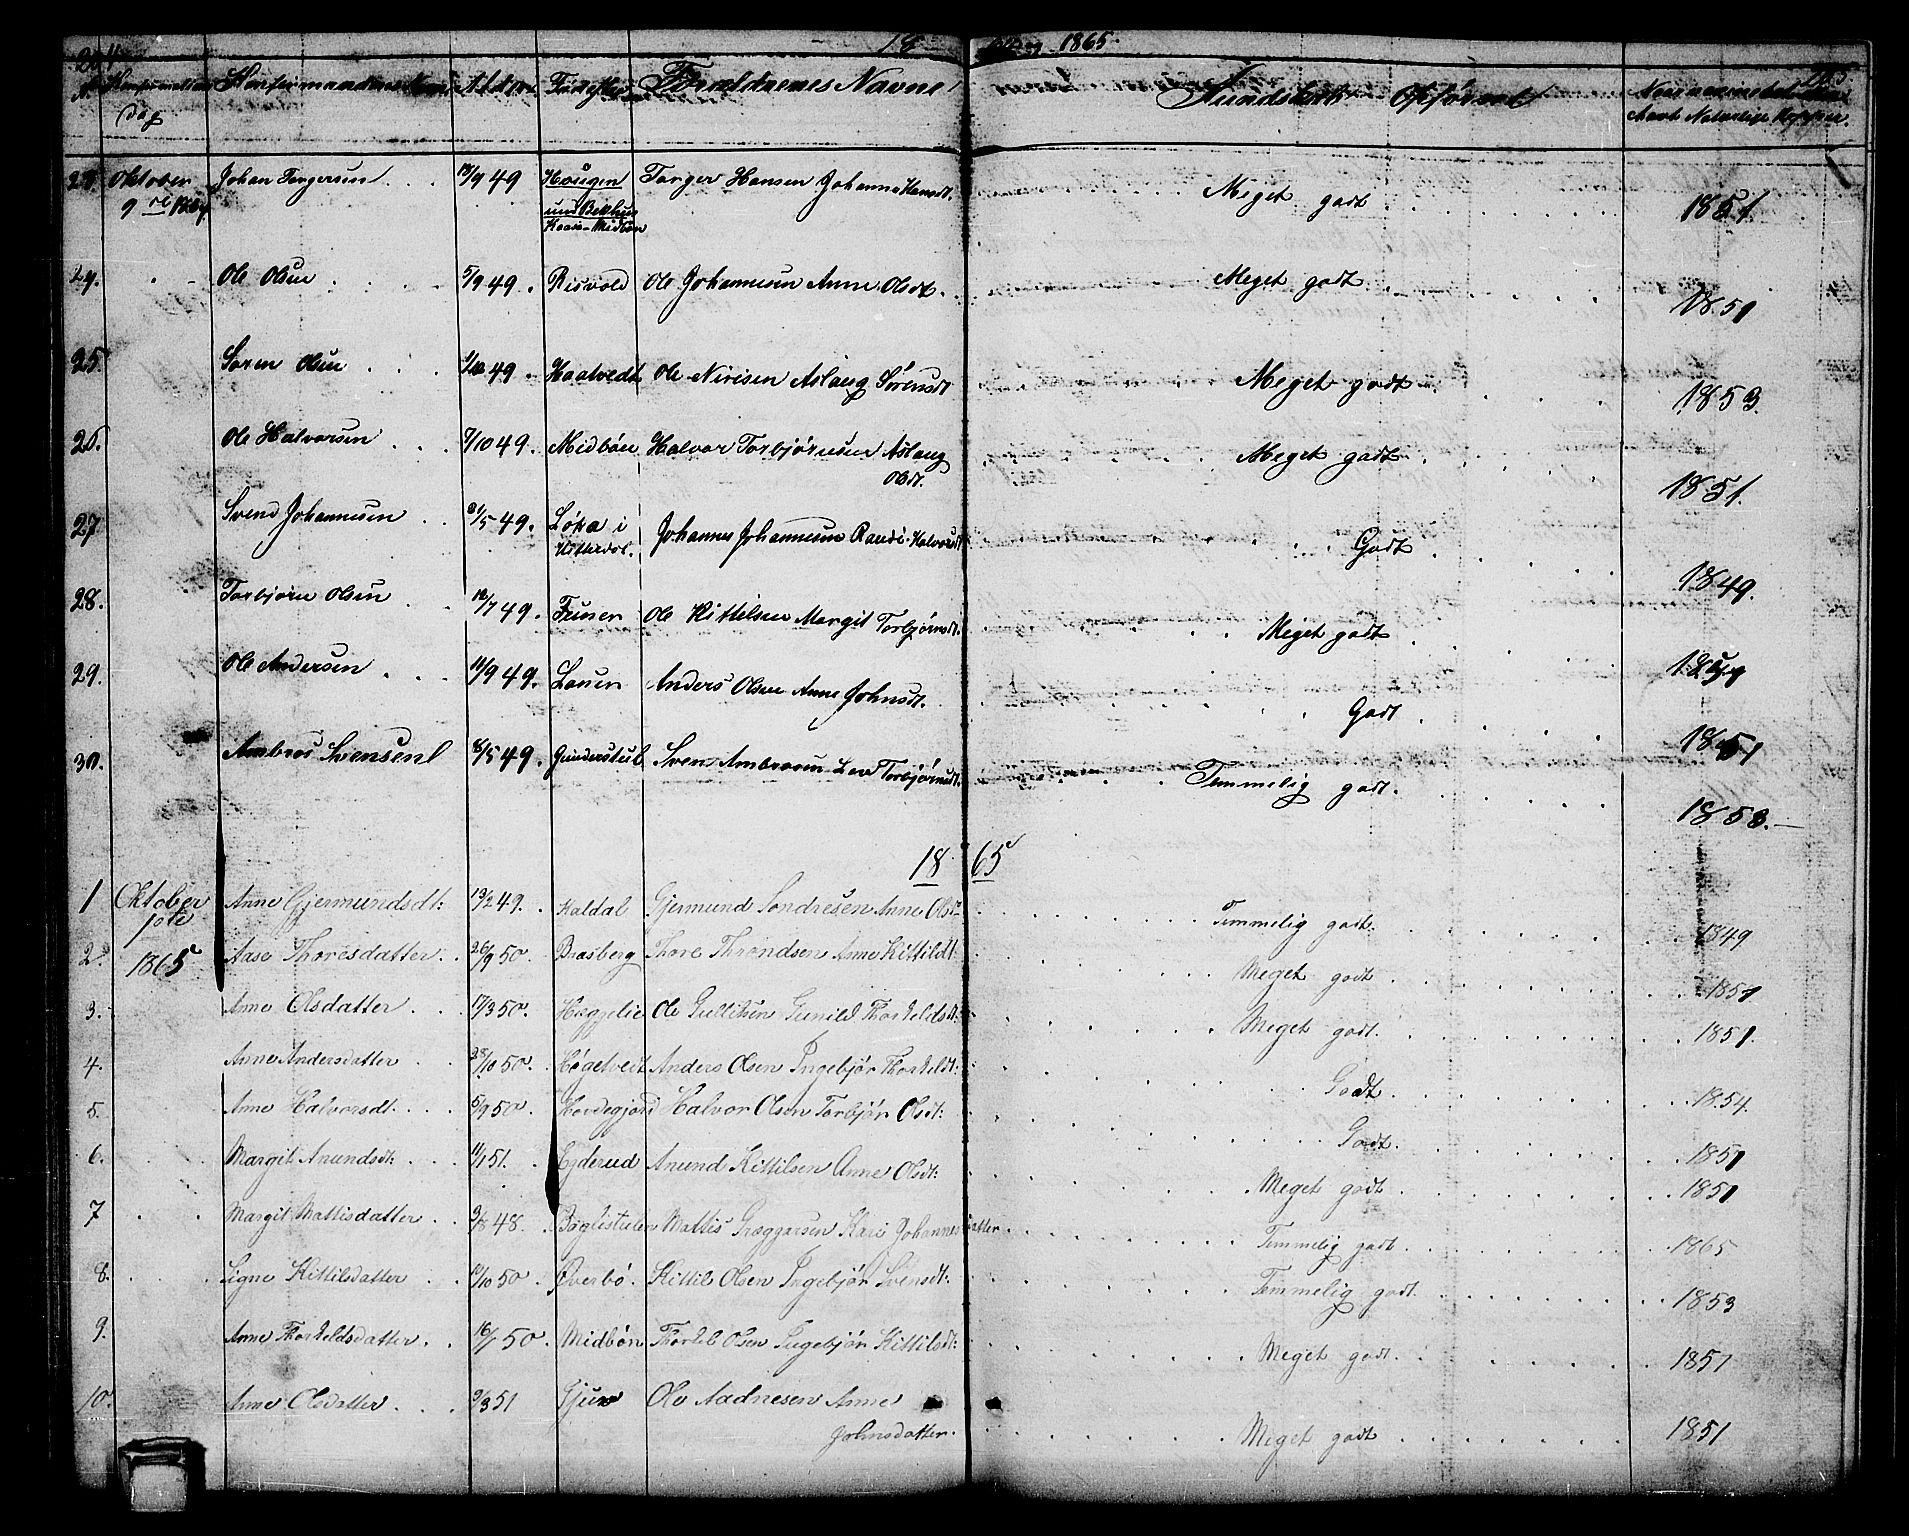 SAKO, Hjartdal kirkebøker, G/Ga/L0002: Klokkerbok nr. I 2, 1854-1888, s. 204-205